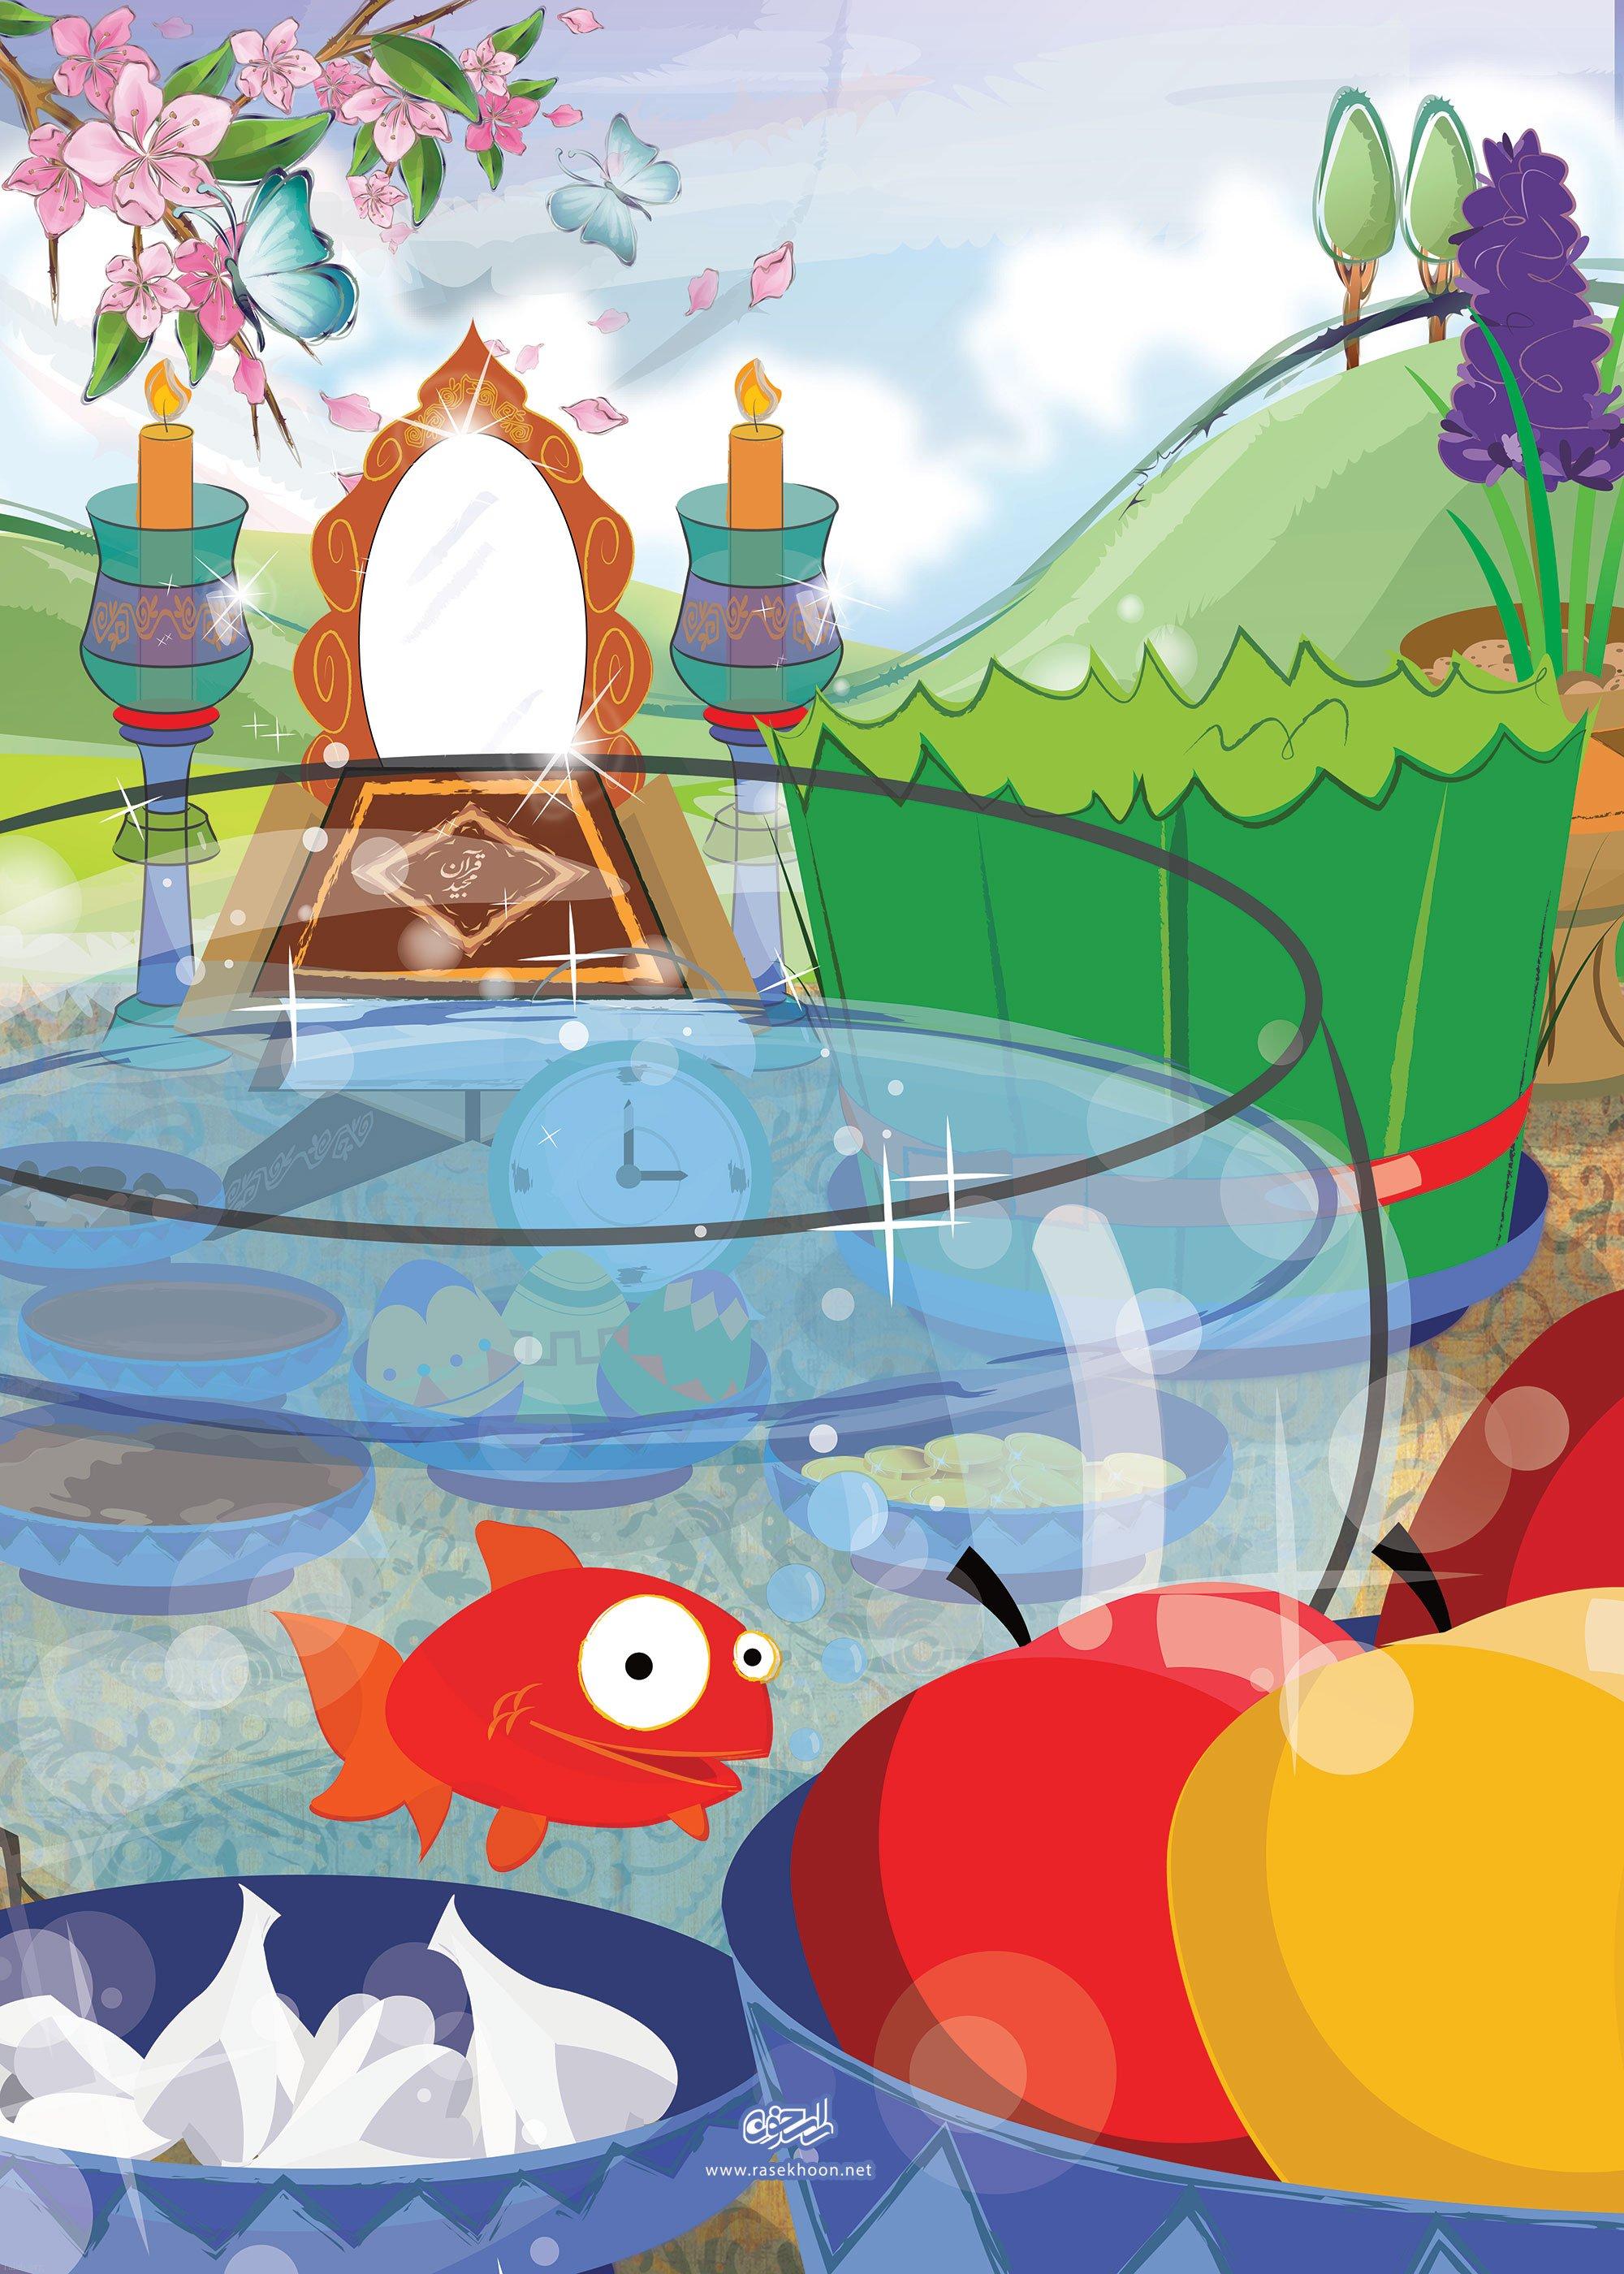 عکس پروفایل عید نوروز | کارت پستال ویژه عید نوروز